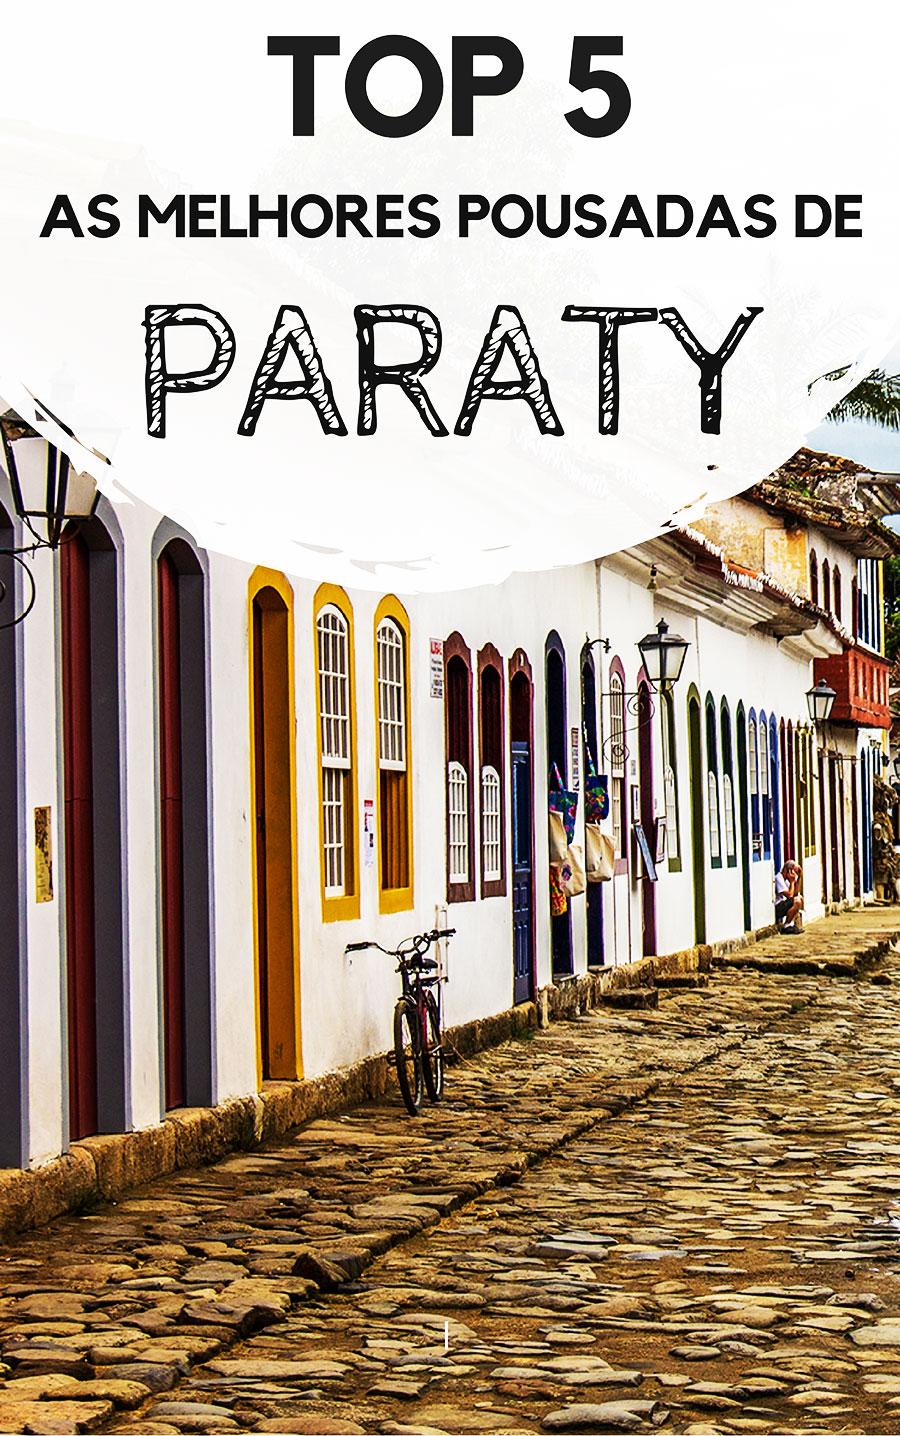 As melhores pousadas em Paraty, no Rio de Janeiro. Descubra lugares para se hospedar na cidade histórica mais apaixonante do Rio, onde sua estadia certamente será inesquecível.